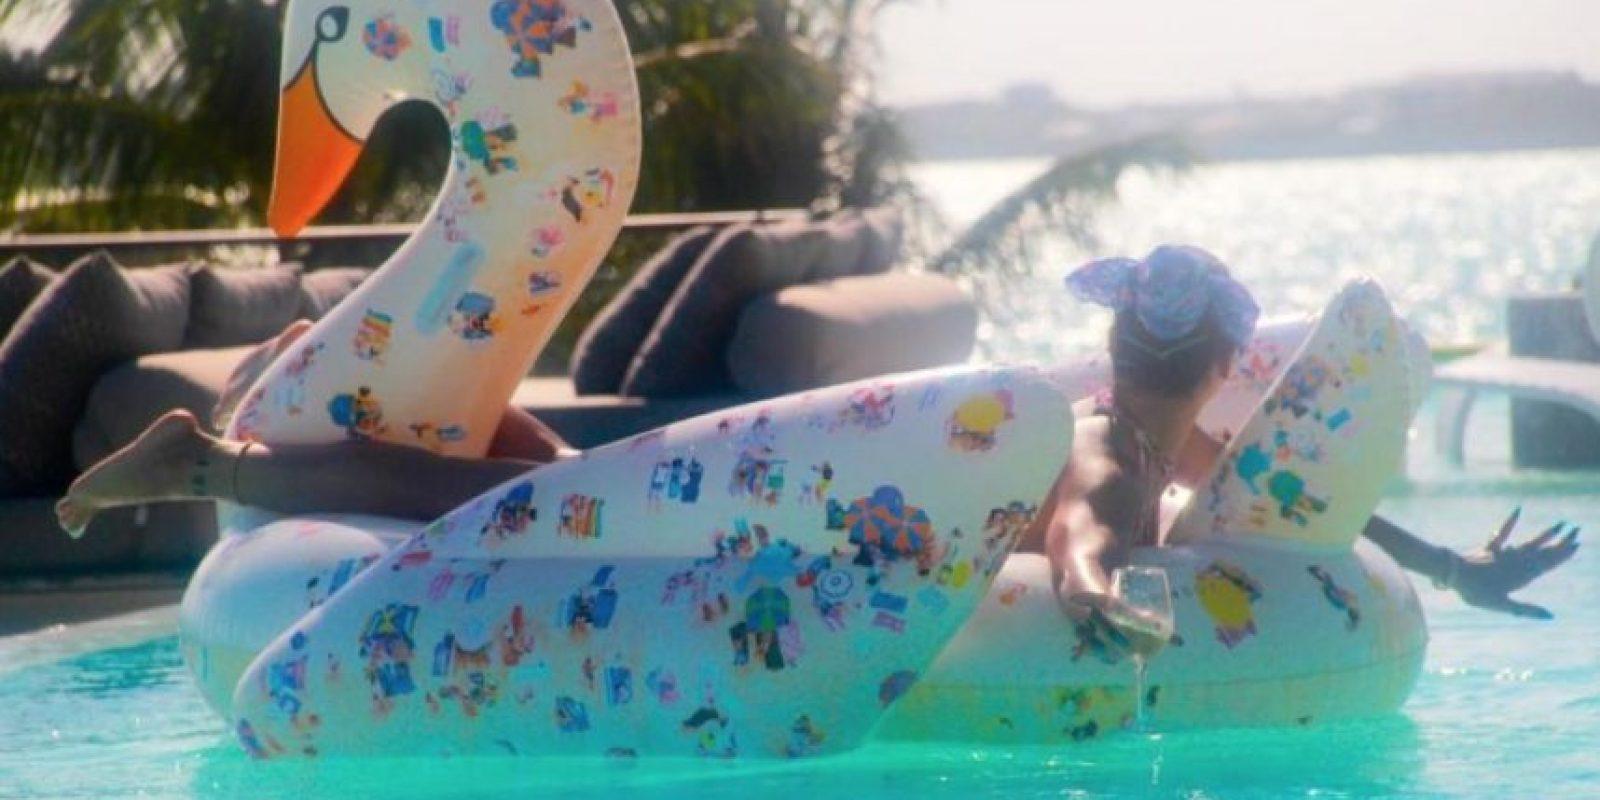 El cisne inflable llamó la atención por su tamaño Foto:Vía Instagram/@mdollas11